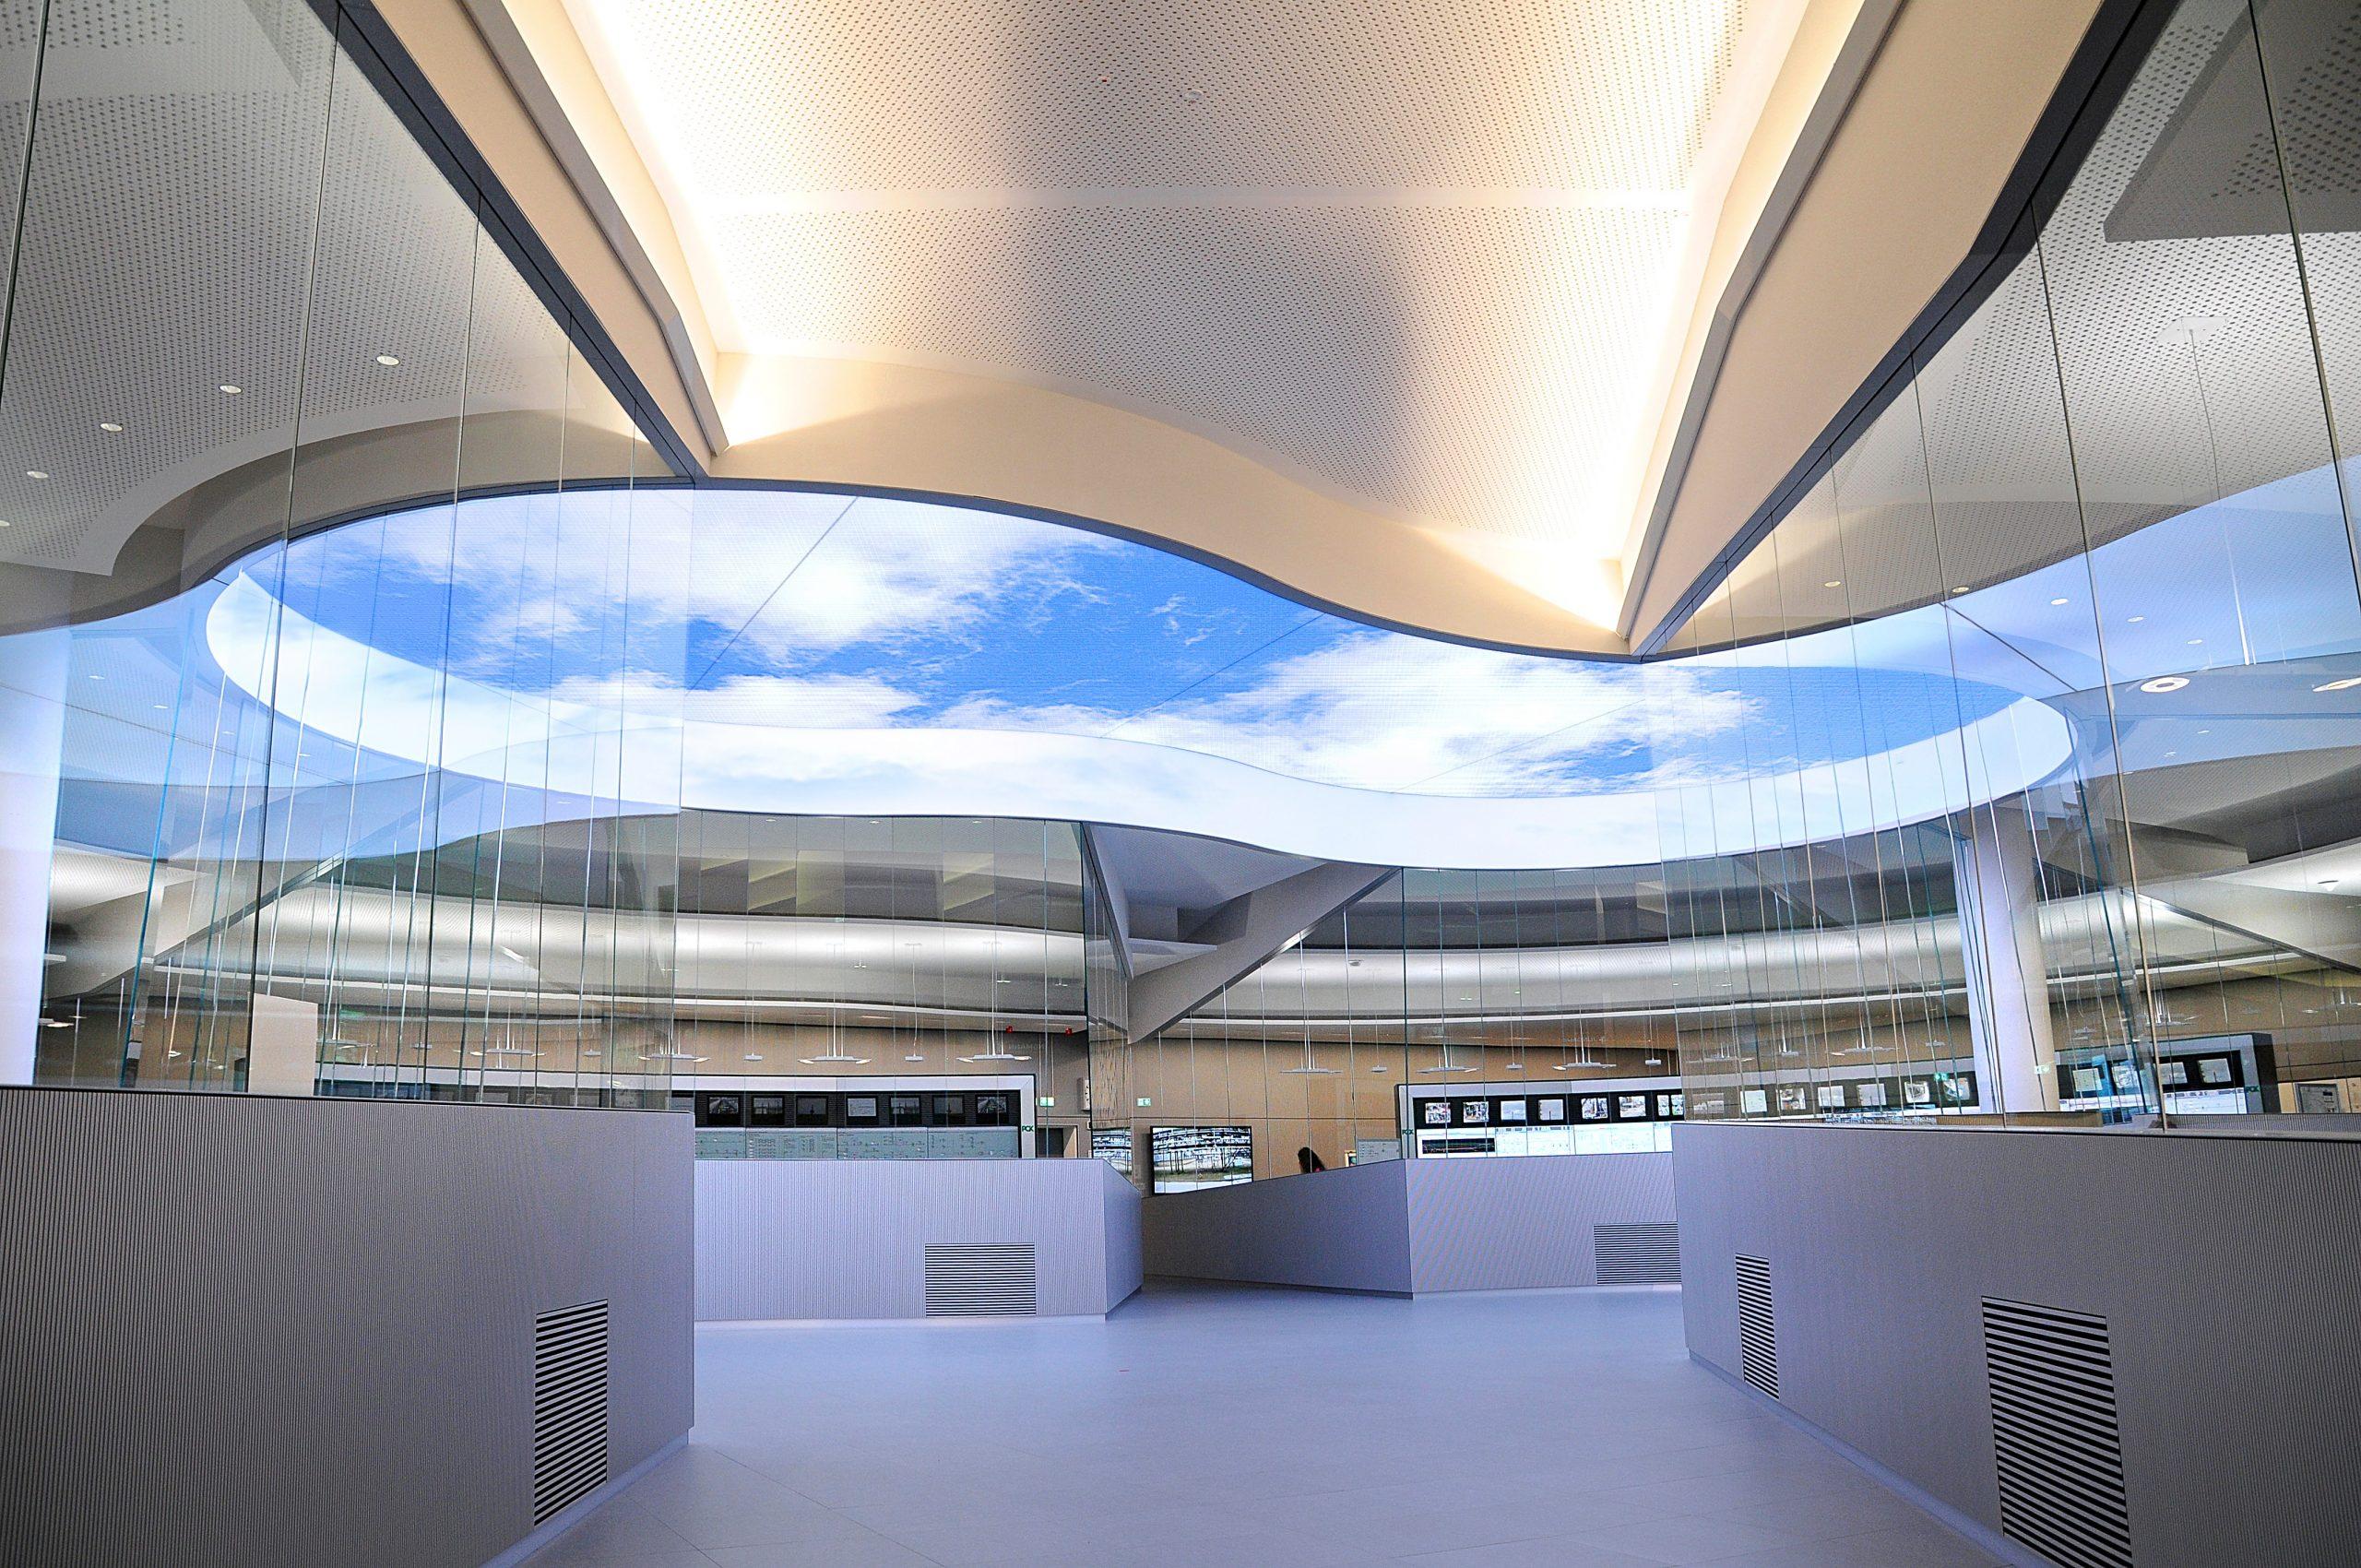 Aus Sicherheitsgründen gibt es keine Fenster im Kontrollraum. Stattdessen verbessert eine 105 Quadratmeter große Lichtdecke das Arbeitsklima für die rund 125 Anlagenbediener. (Bild: Jungmann Systemtechnik GmbH & Co. KG)